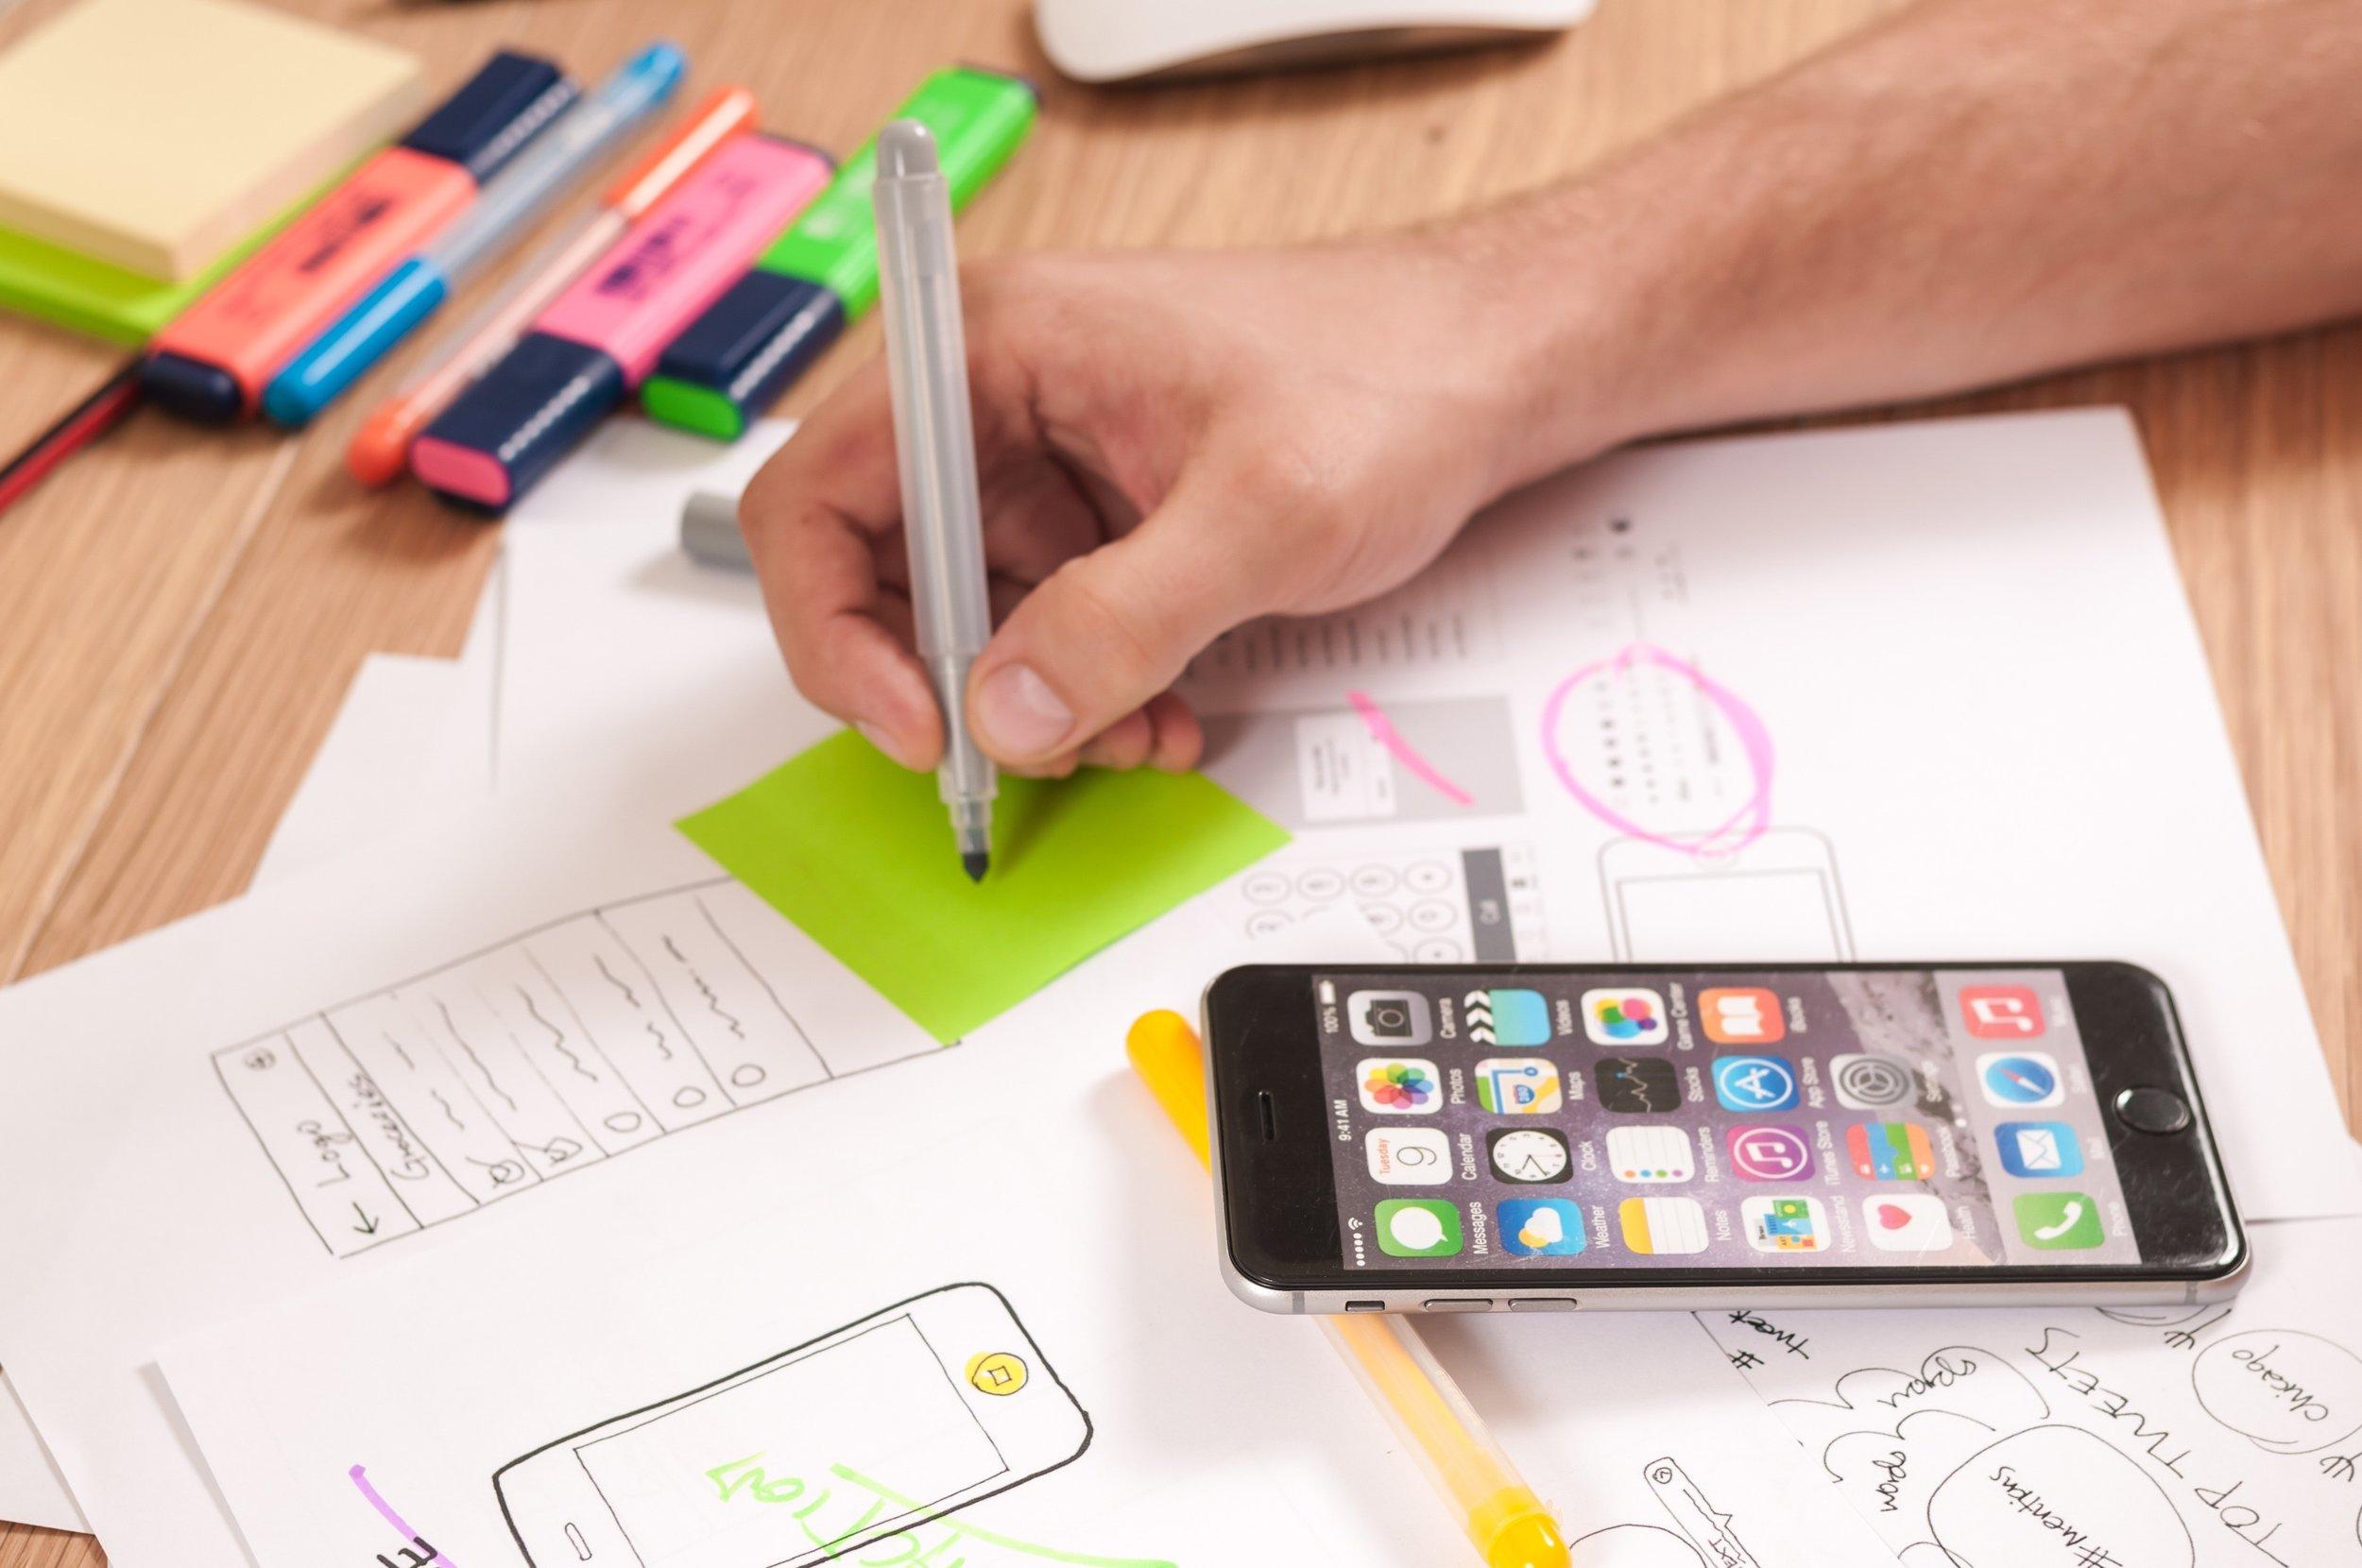 building-an-app-software-technology.jpeg